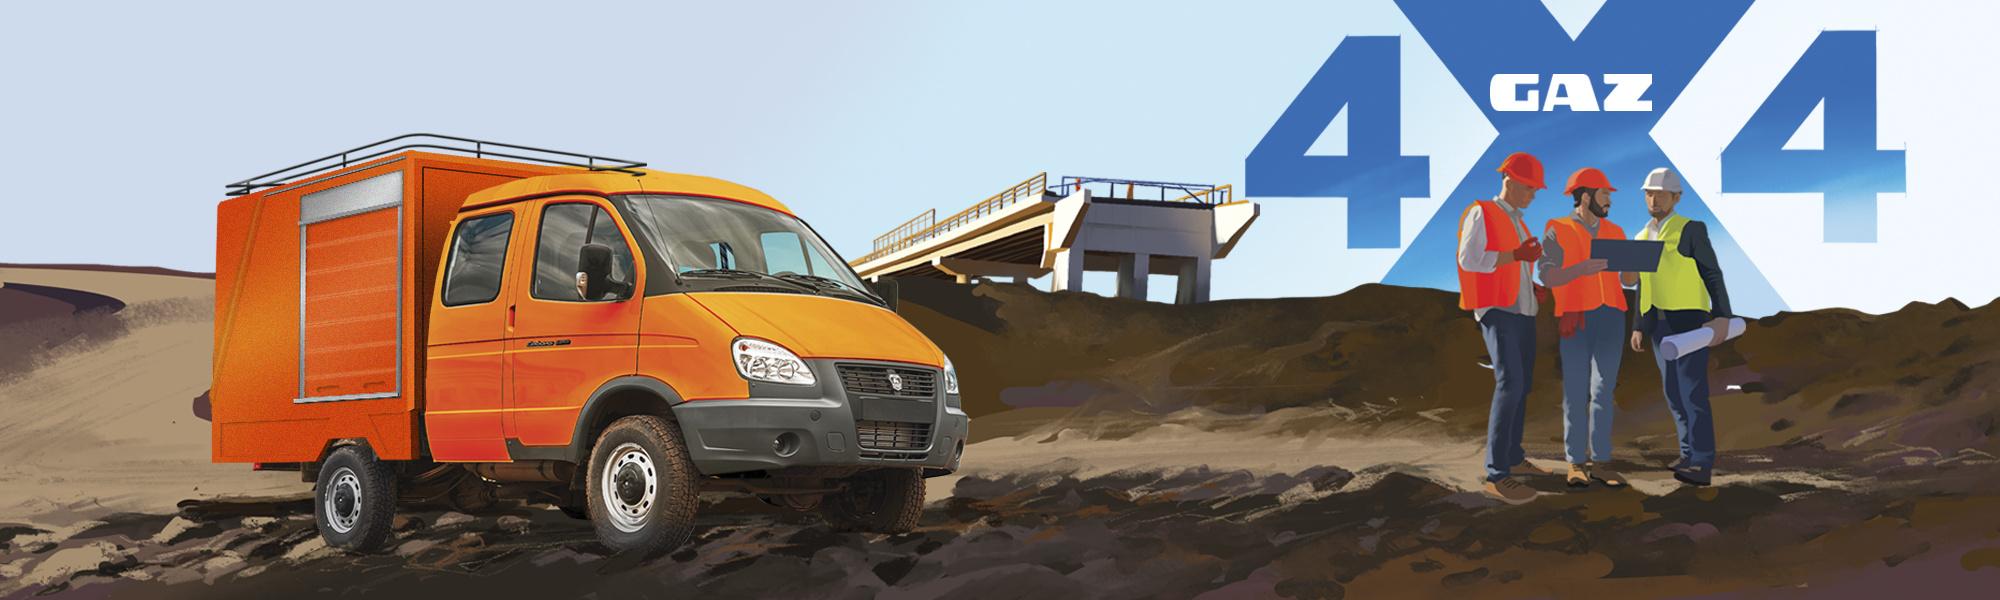 Спецпредложение Выгода ГАЗ 4х4 от 820400 Р. Специальная цена при покупке ГАЗ 4х4. Десктопное изображение